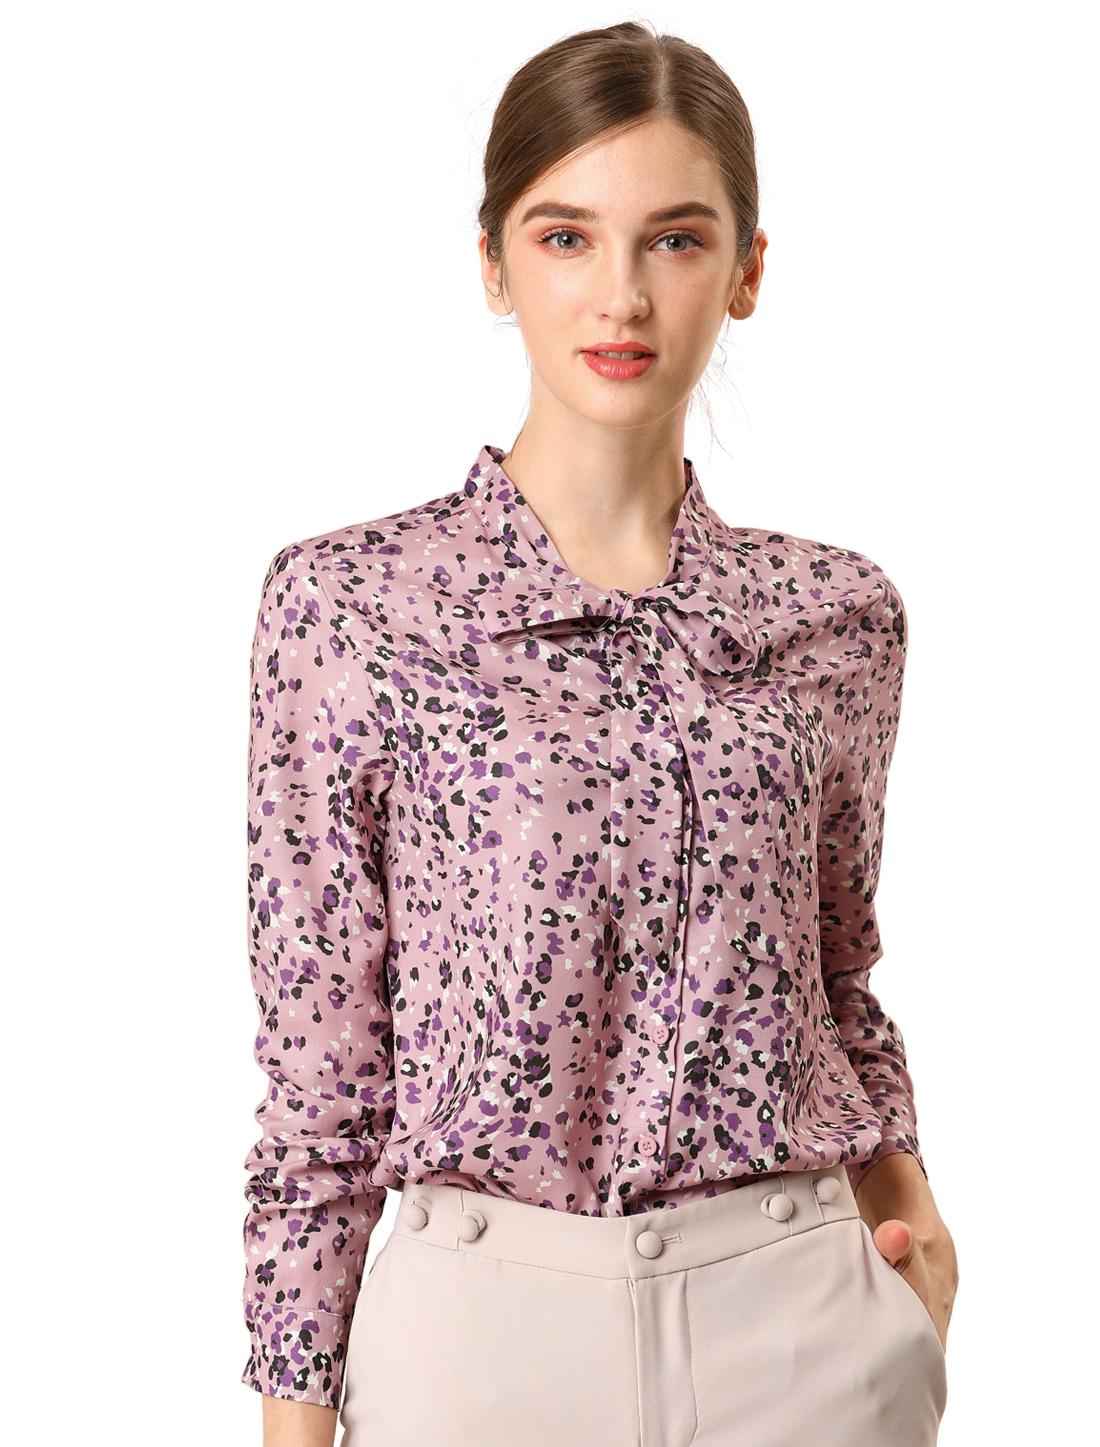 Allegra K Women's Elegant Work Floral Bow Tie Neck Button Blouse Shirt Pink XL